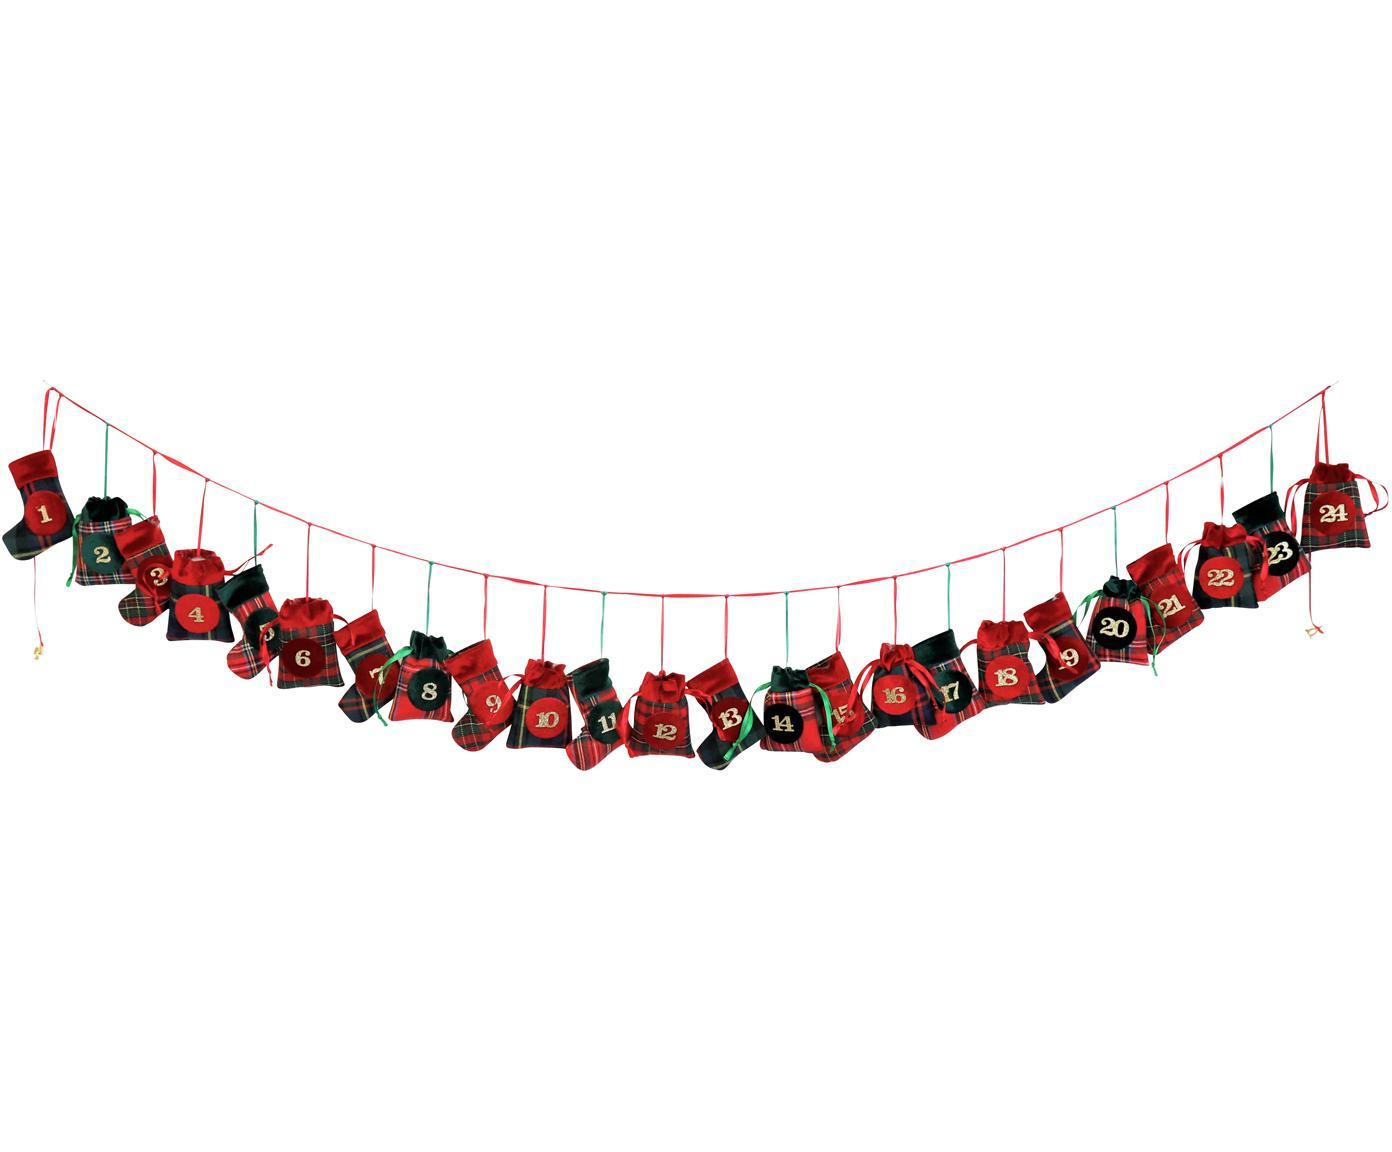 Kalendarz adwentowy Merry X-Mas, Poliester, bawełna, Zielony, czerwony, czarny, D 270 cm